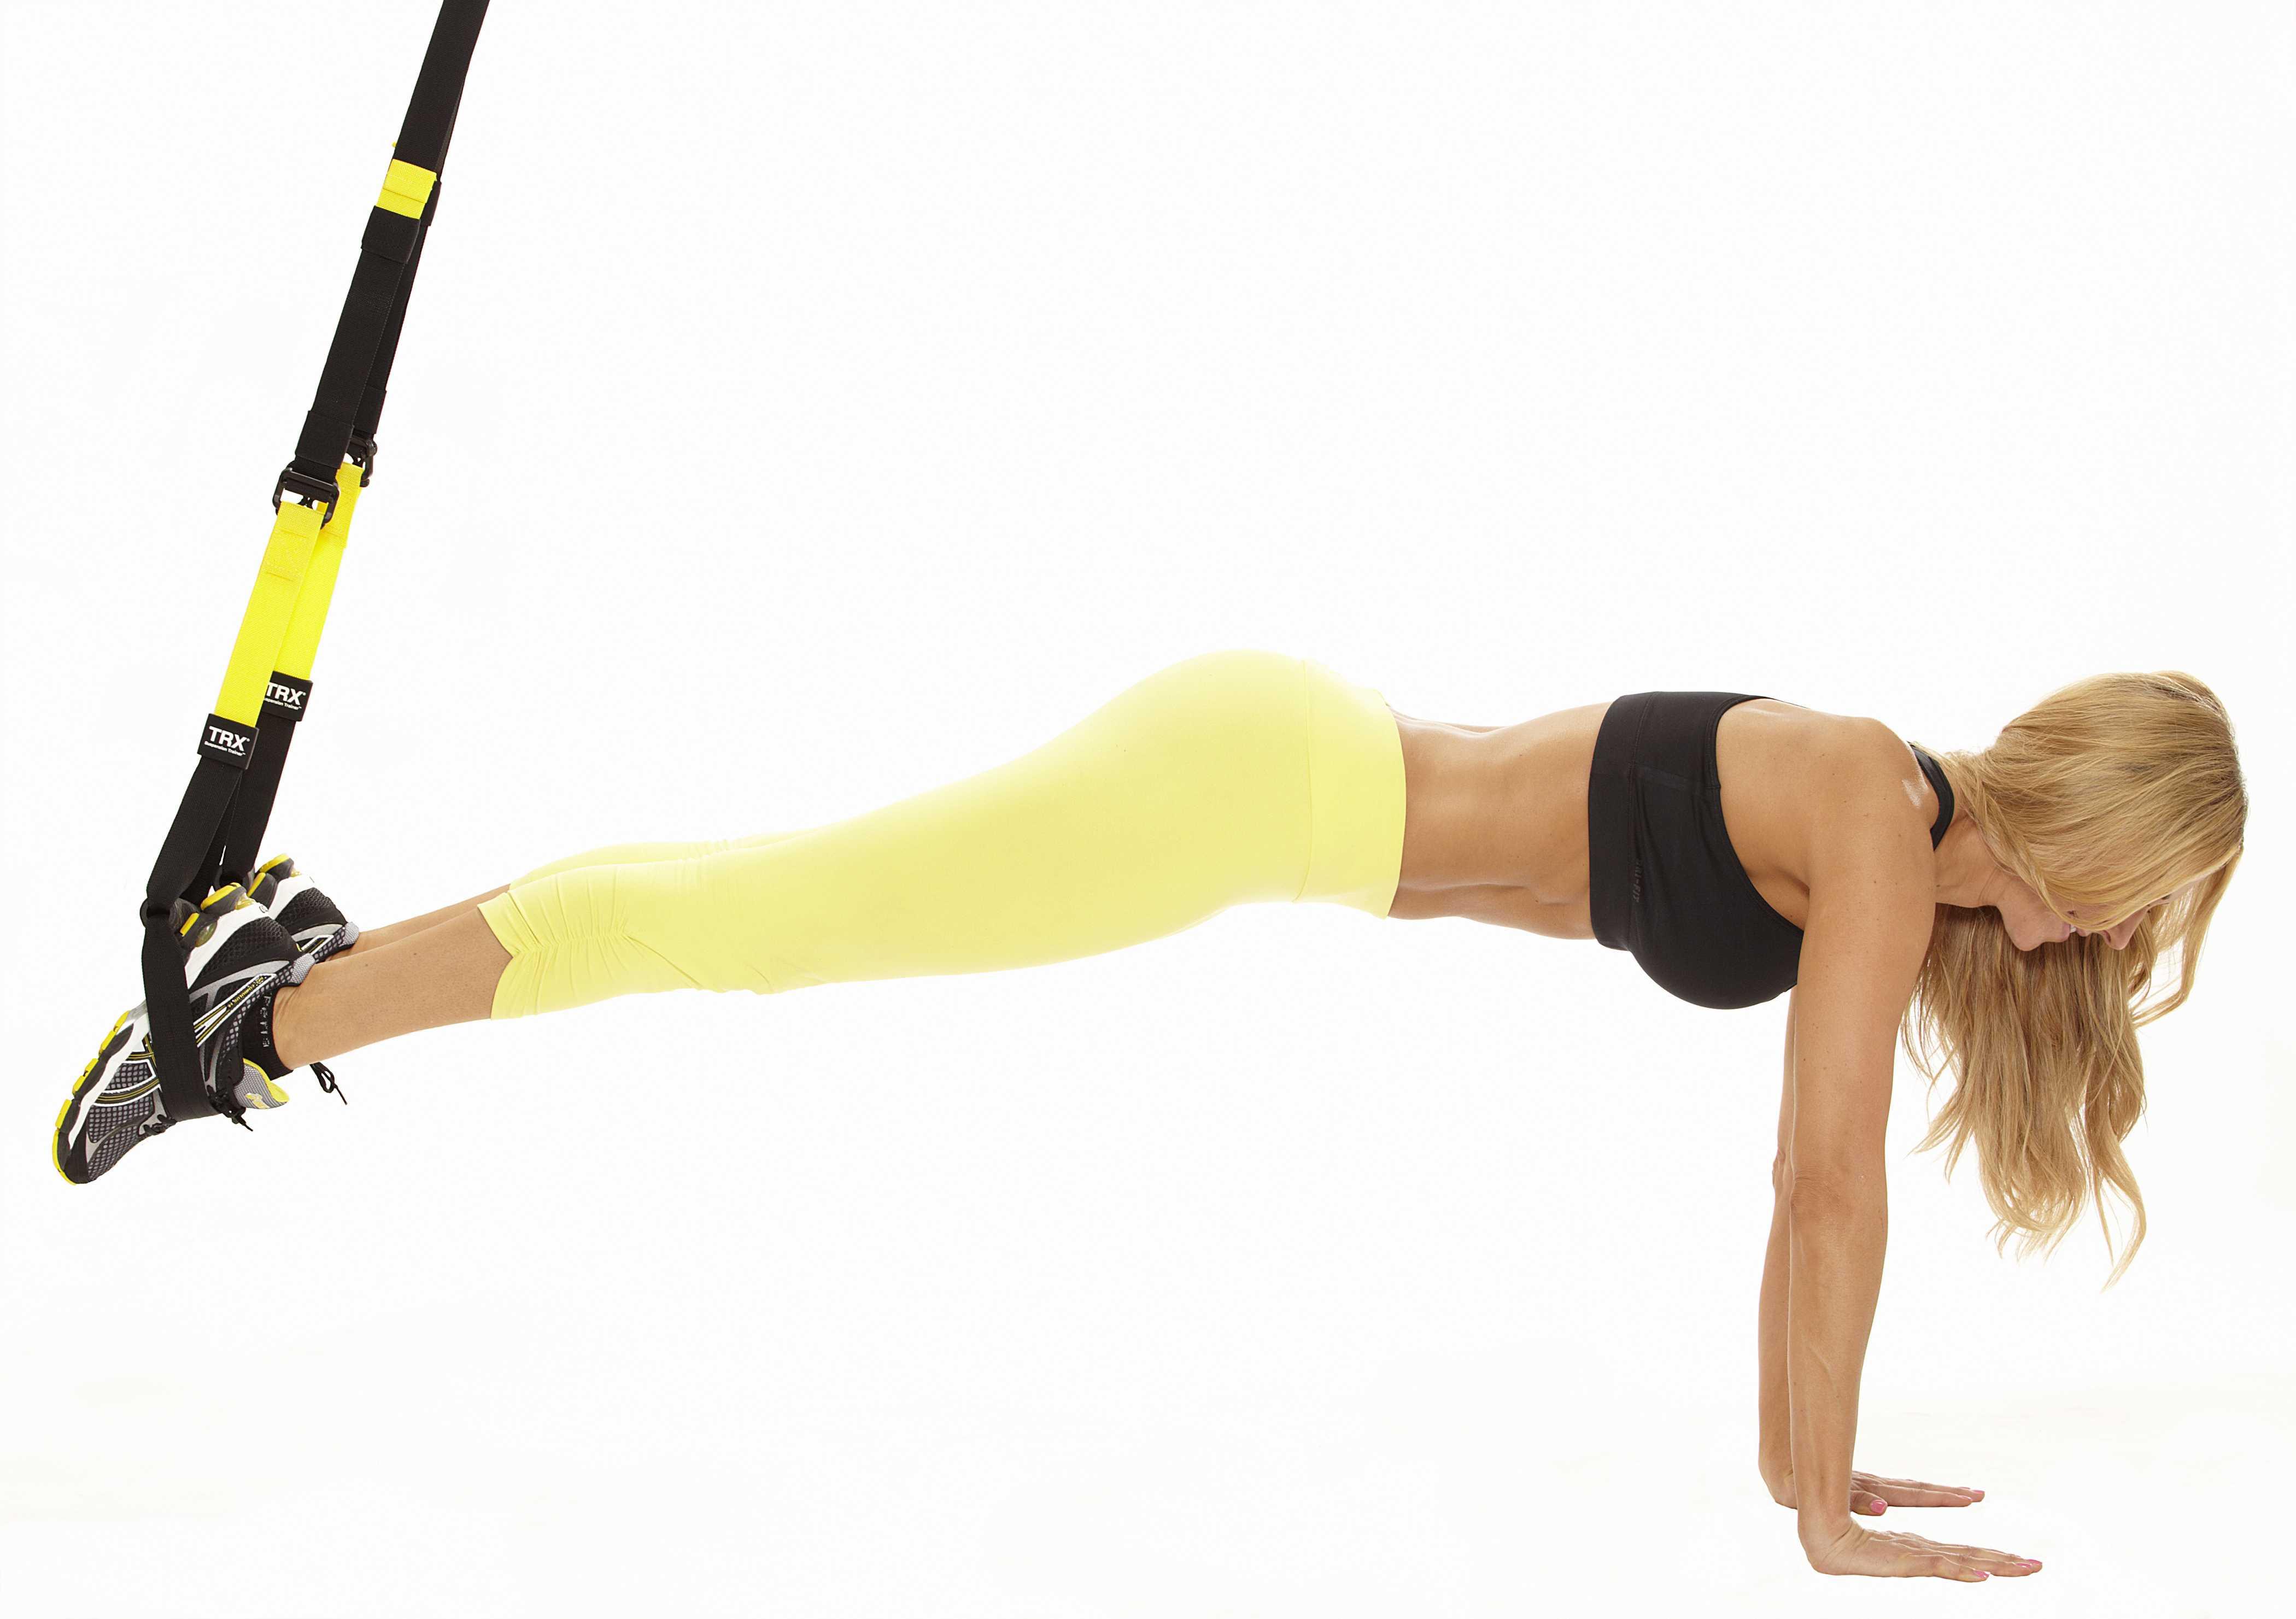 Топ 60 лучших упражнений с trx: подборка в гифках!